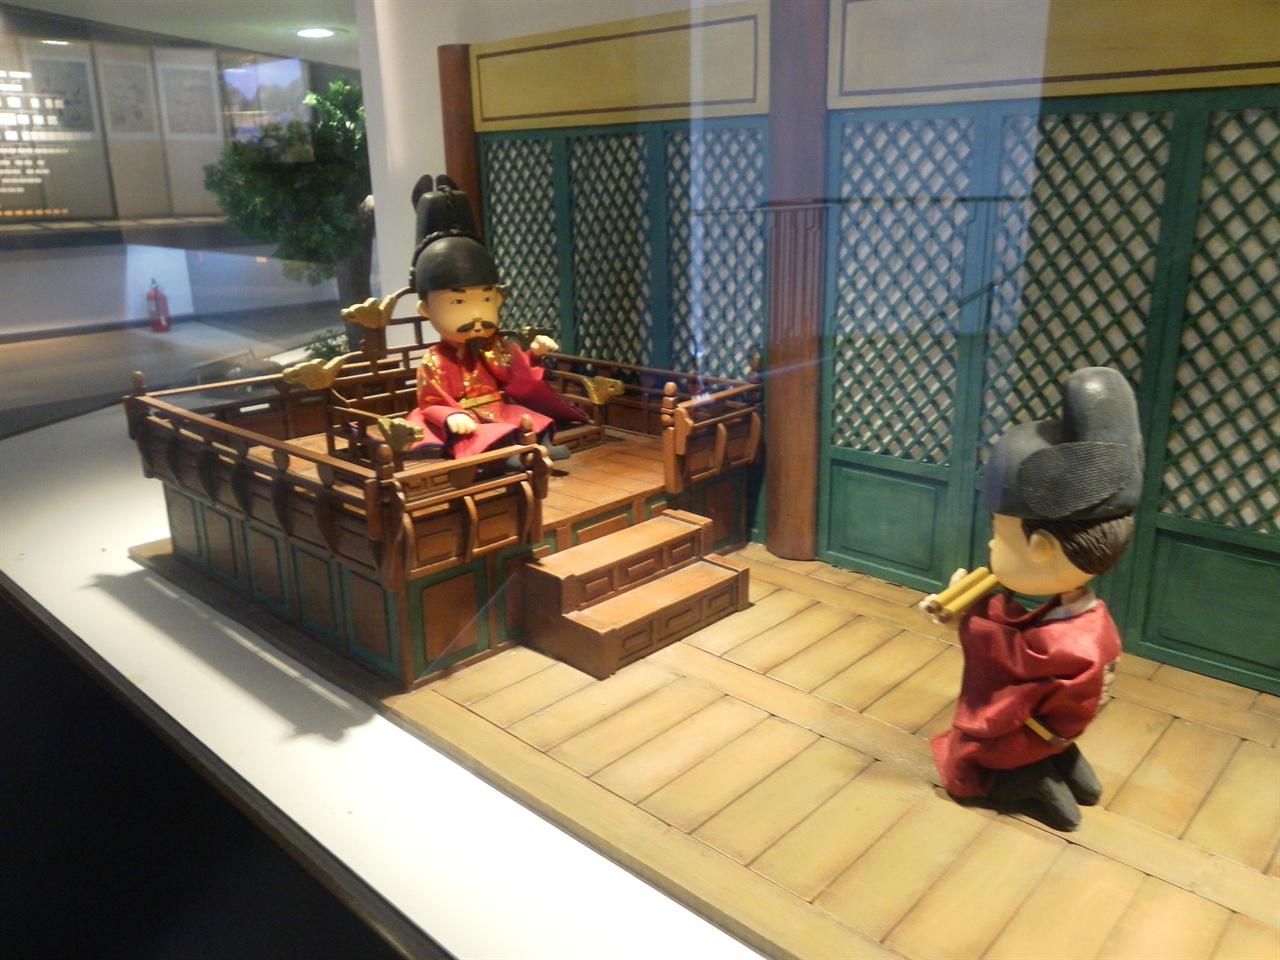 조선시대 관료의 모습. 경기도 파주시 '율곡 이이 유적'에서 찍은 사진.